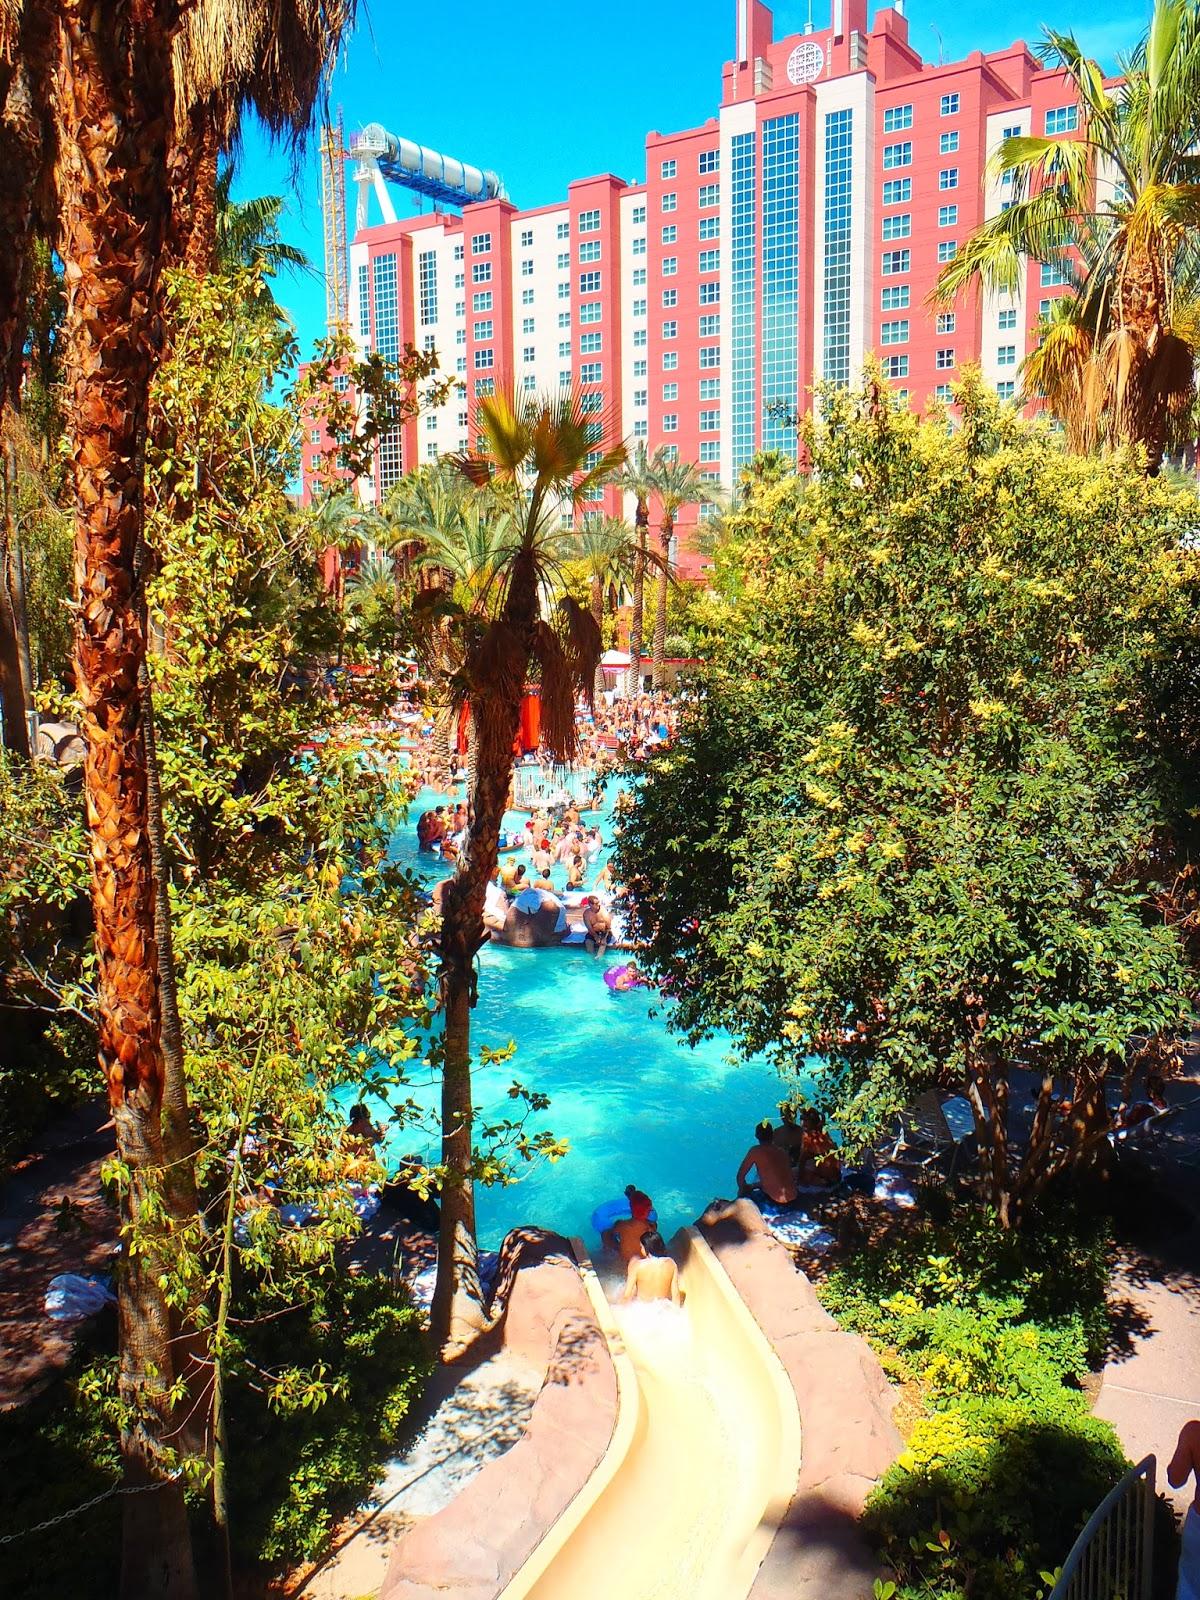 Flamingo Hotel Las Vegas Slide